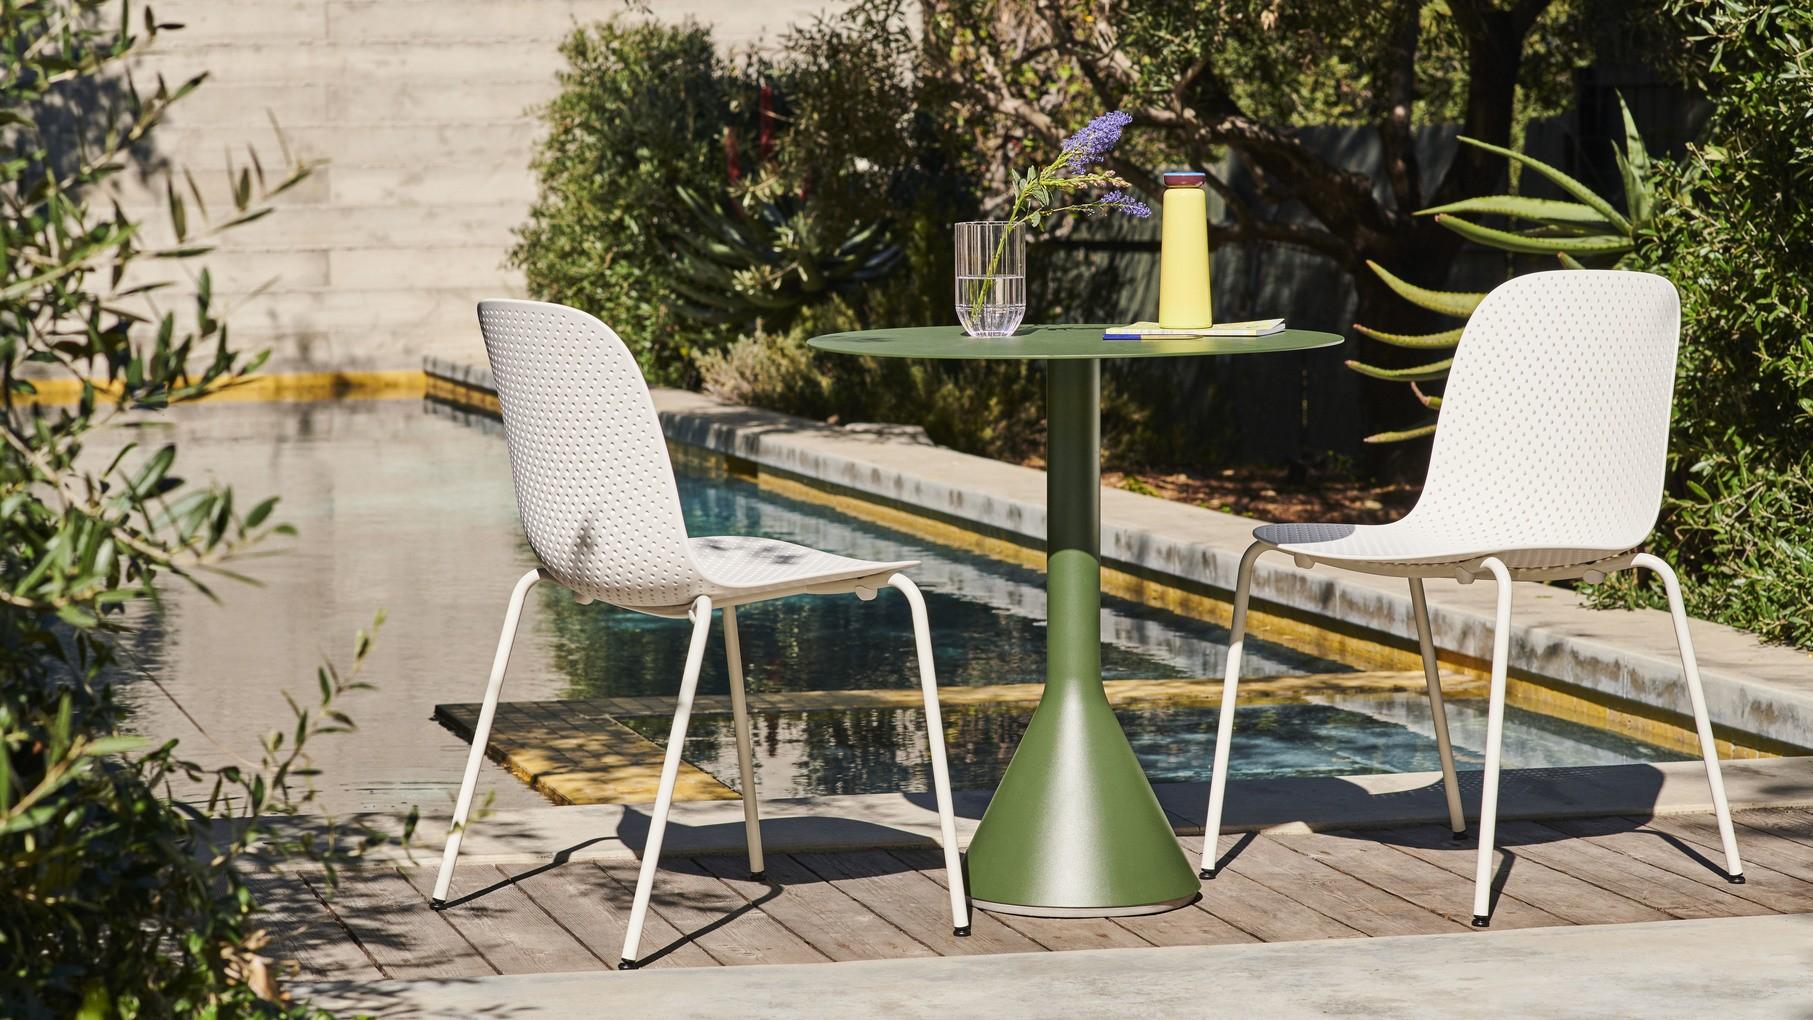 Meble outdoor – w domu, w biurze i na wakacjach